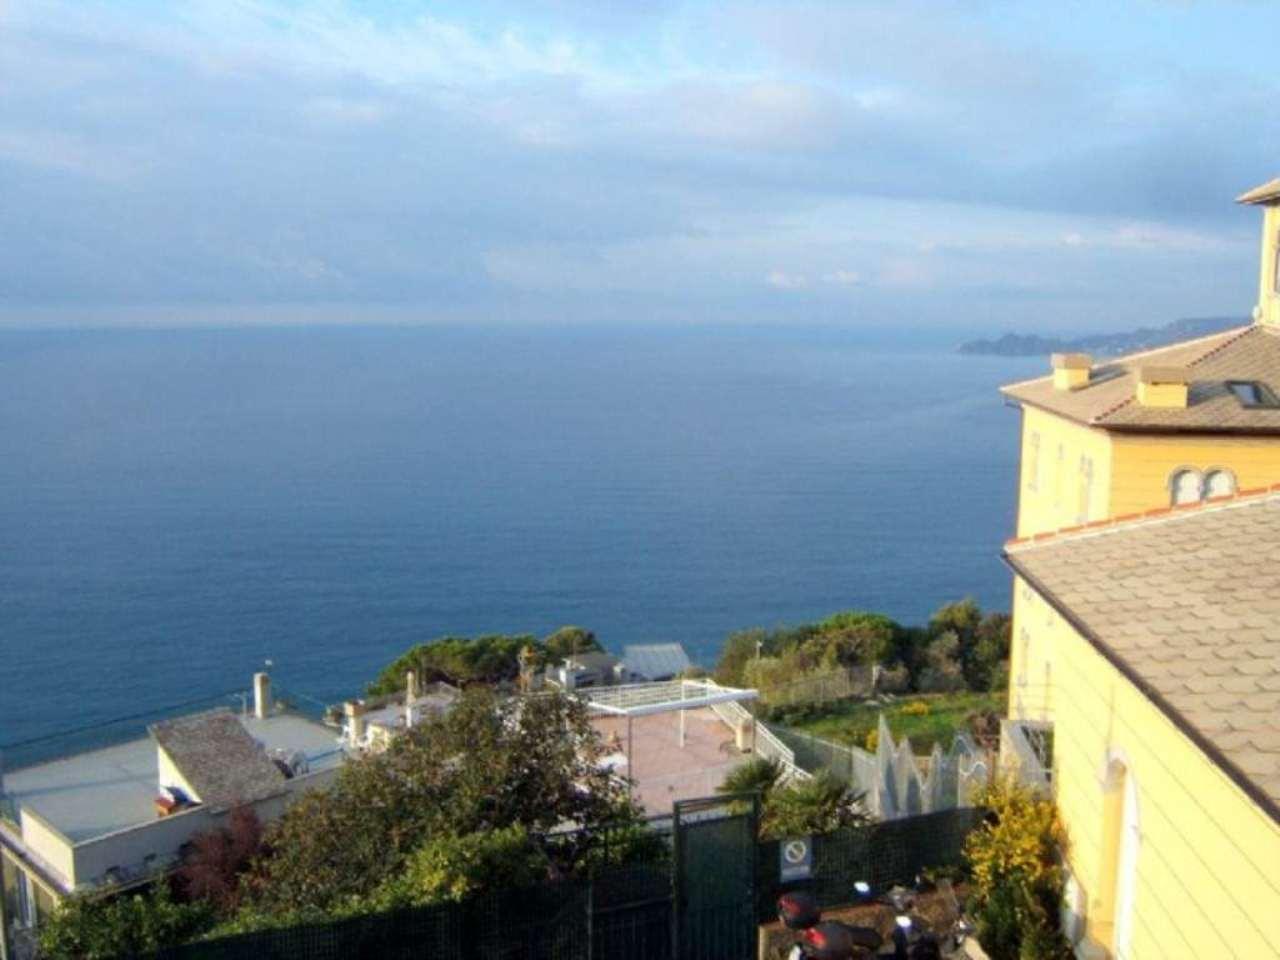 Villa in vendita a Chiavari, 6 locali, Trattative riservate | Cambio Casa.it